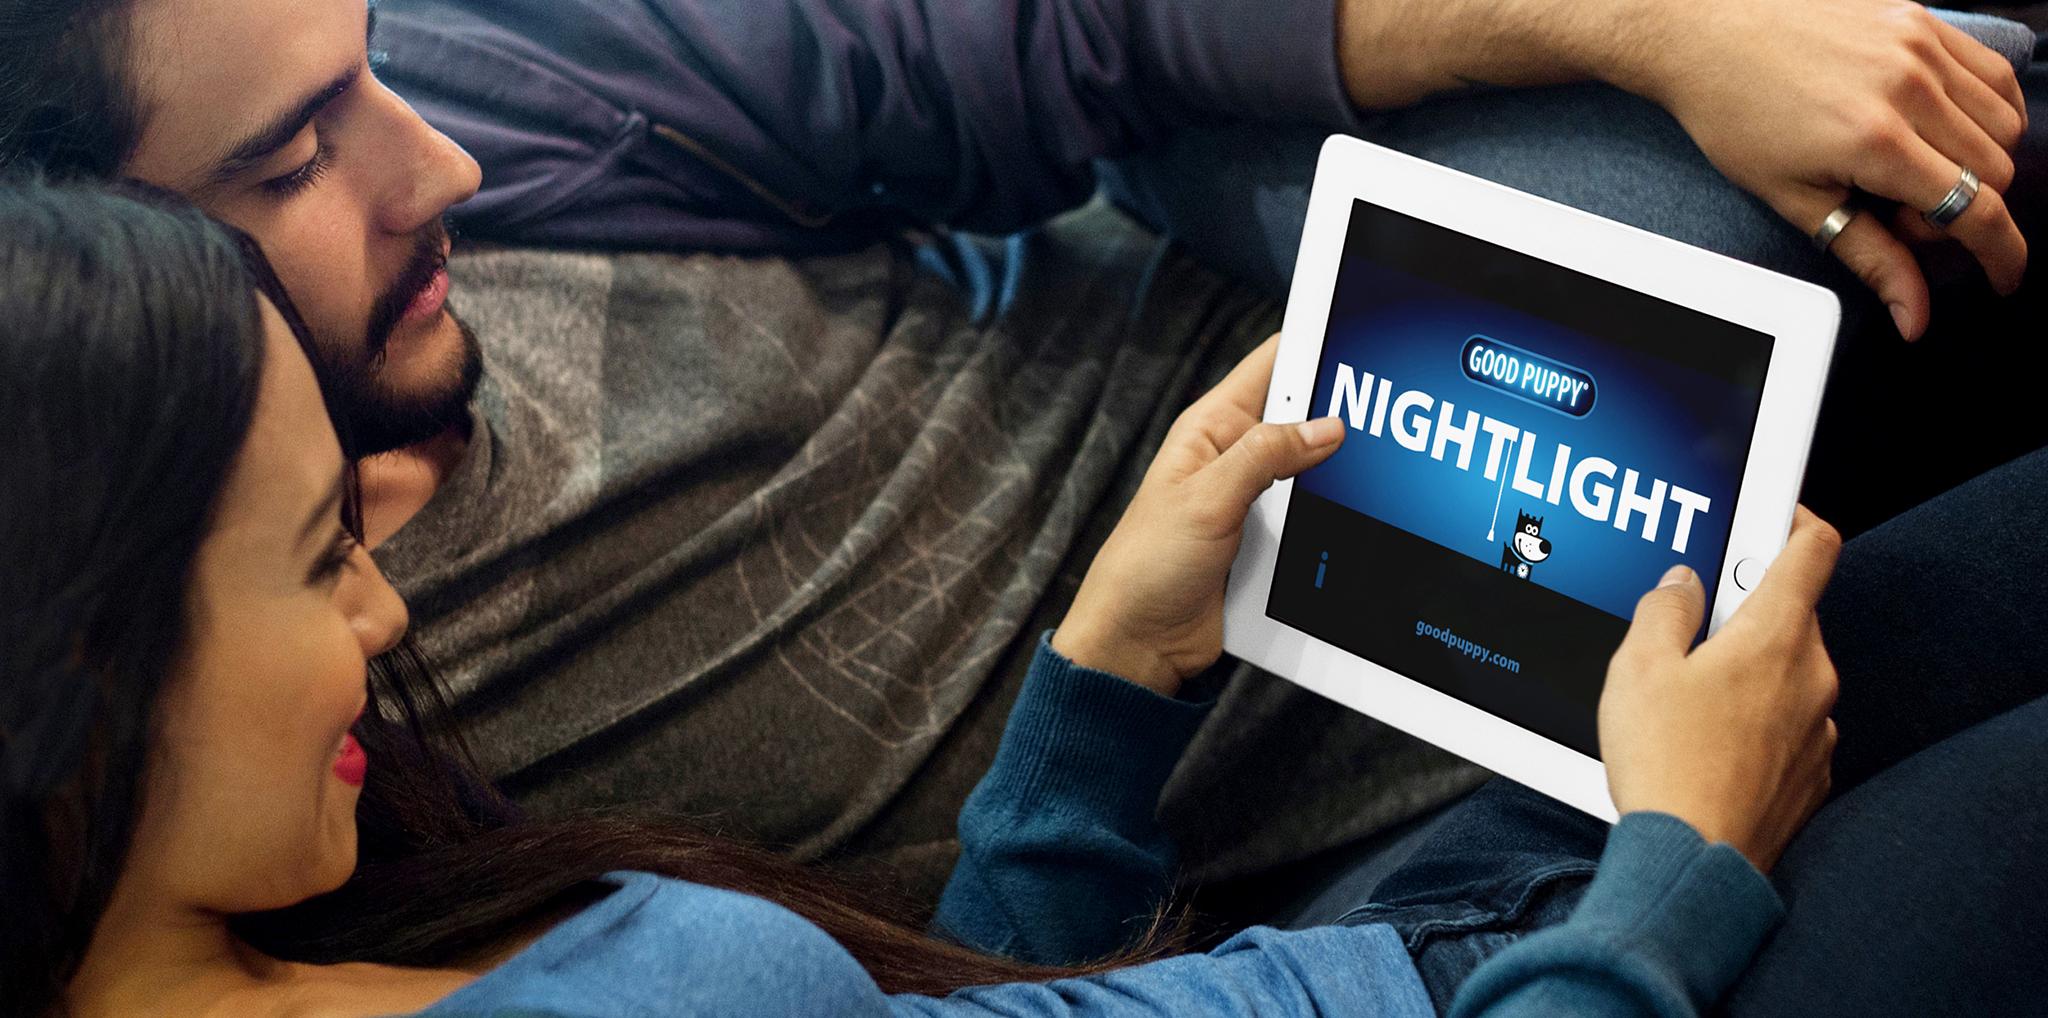 Night-Light-App-Chldren-GOOD-PUPPY-NIGHTLIGHT.jpg